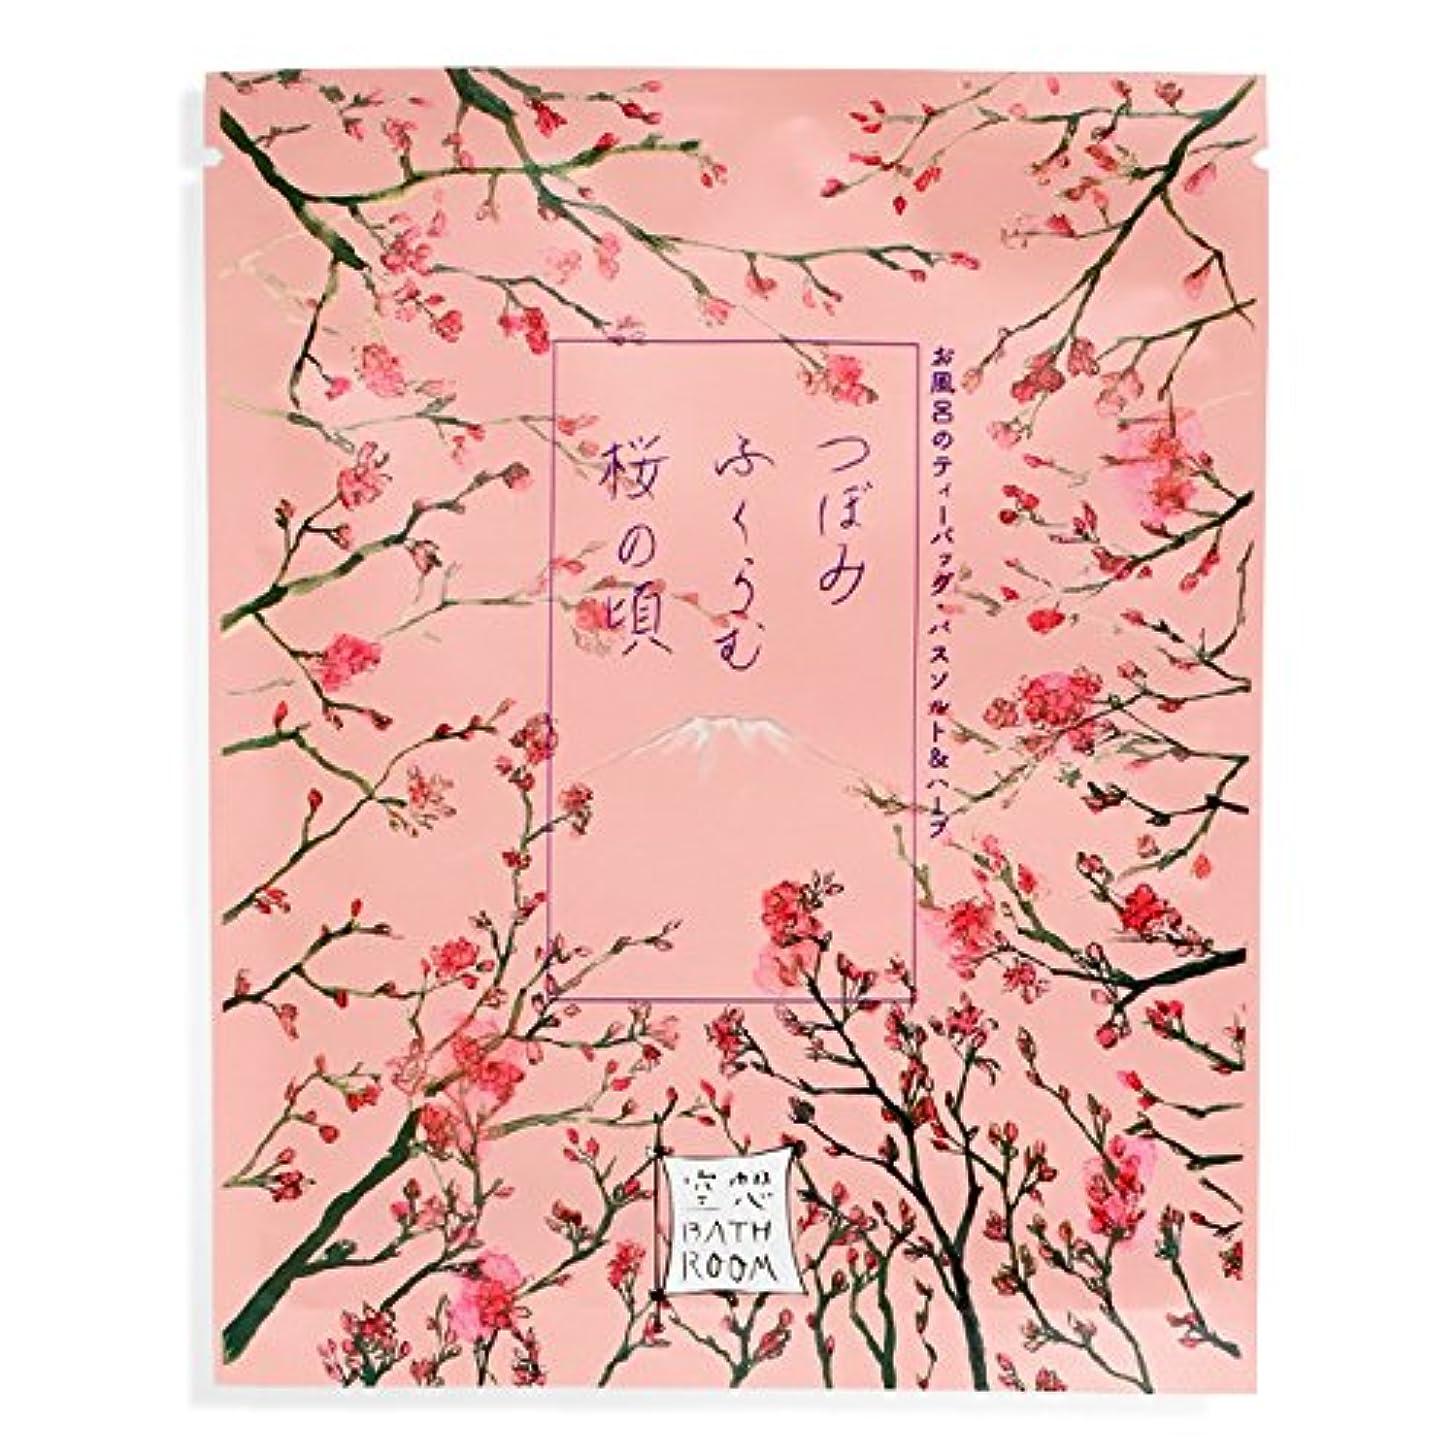 それにもかかわらずフェッチ持続的チャーリー 空想バスルーム つぼみふくらむ桜の頃 30g